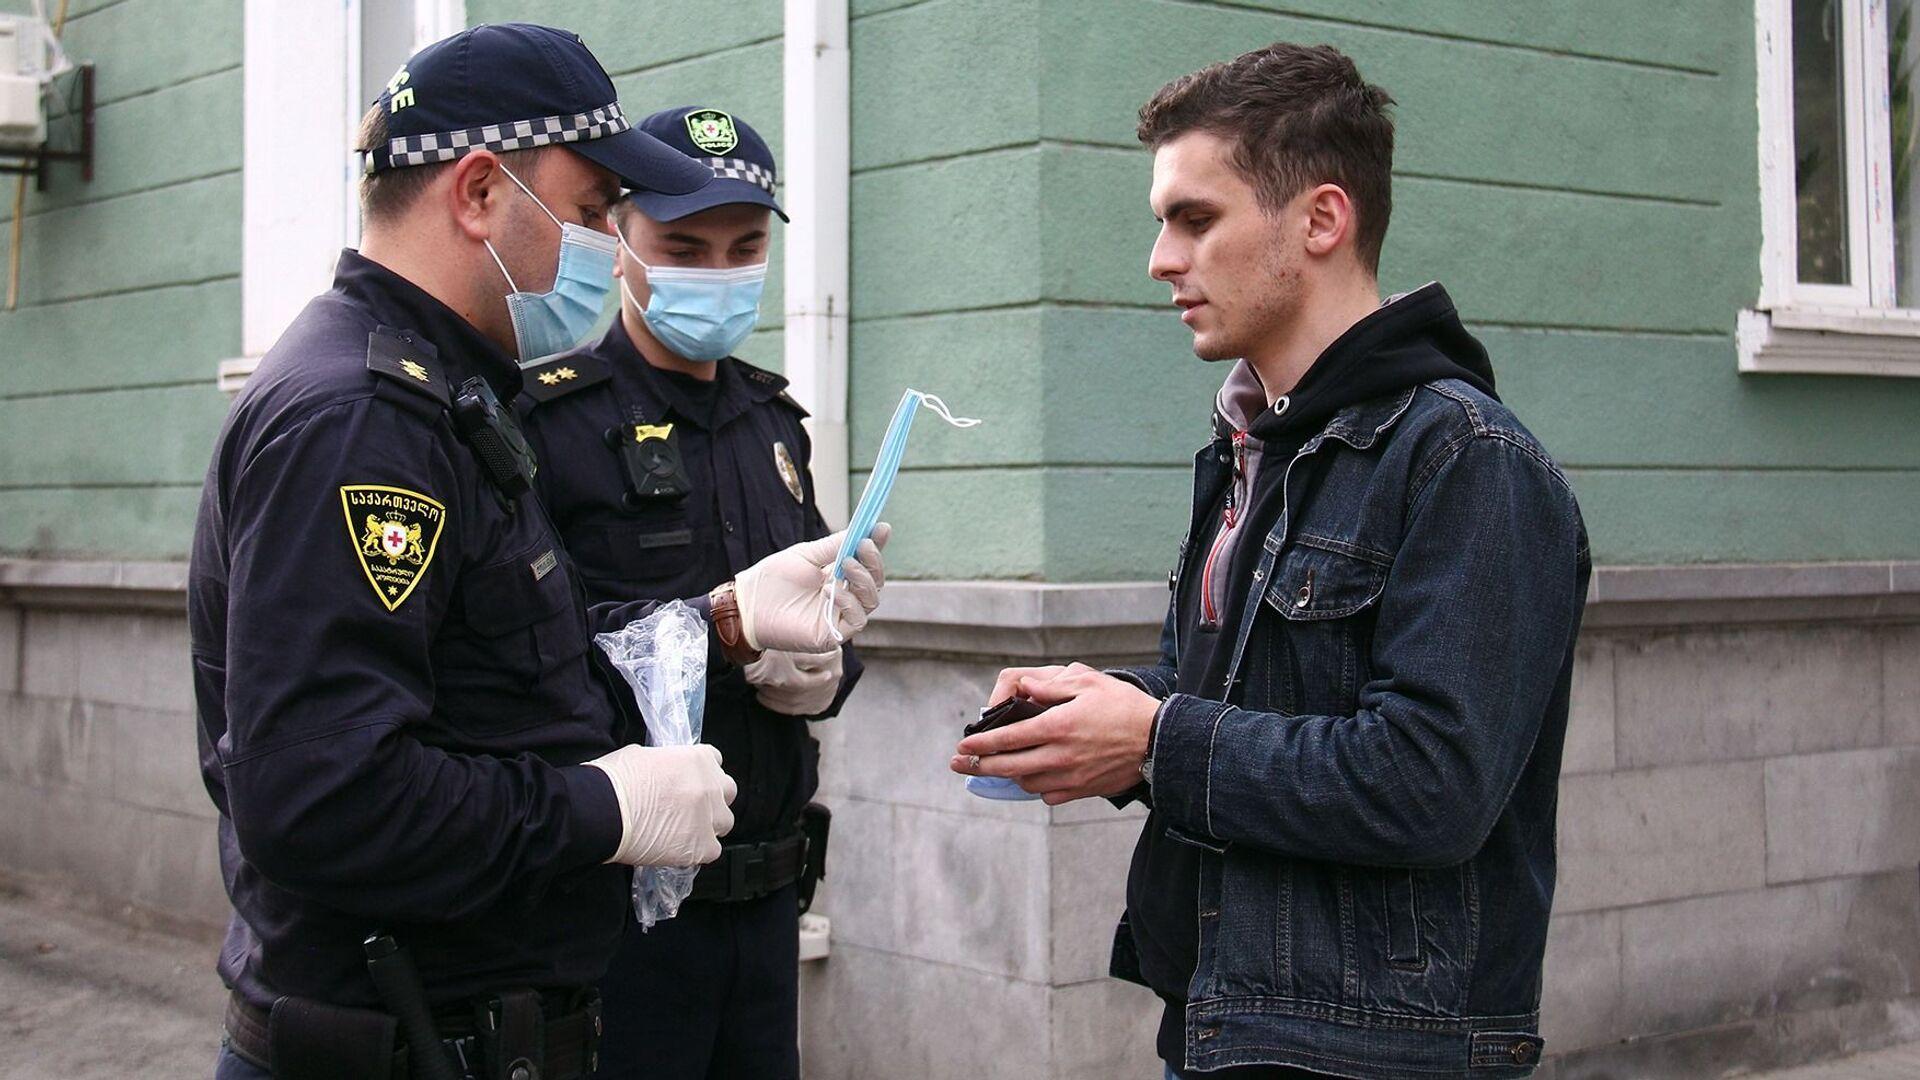 Эпидемия коронавируса - полиция проверяет как прохожие носят маски - Sputnik Грузия, 1920, 07.09.2021